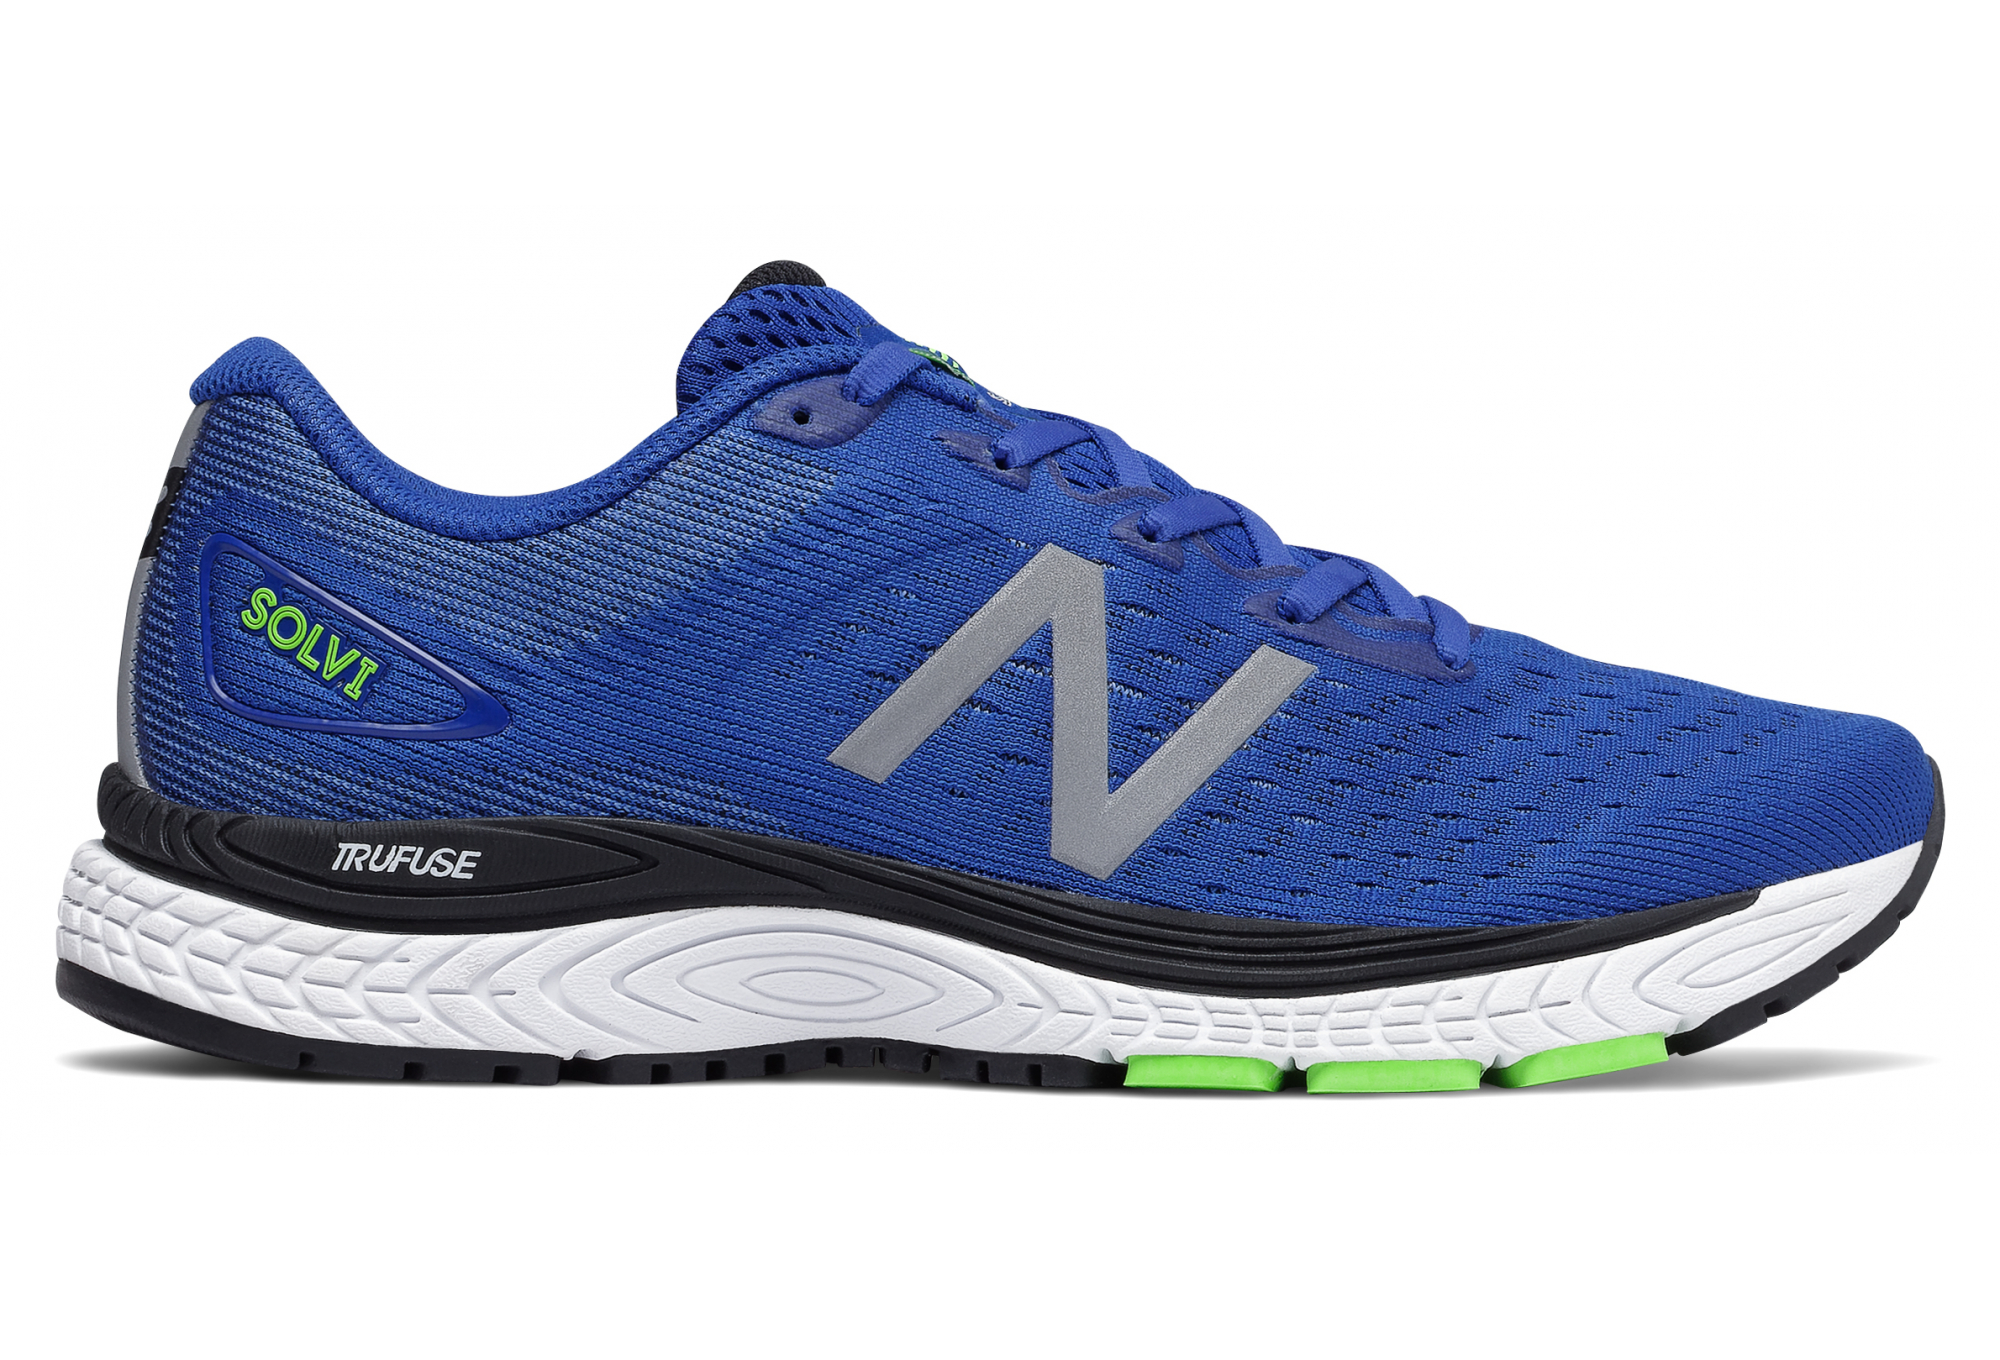 Paio di scarpe da corsa New Balance Solvi V2 Blue Man